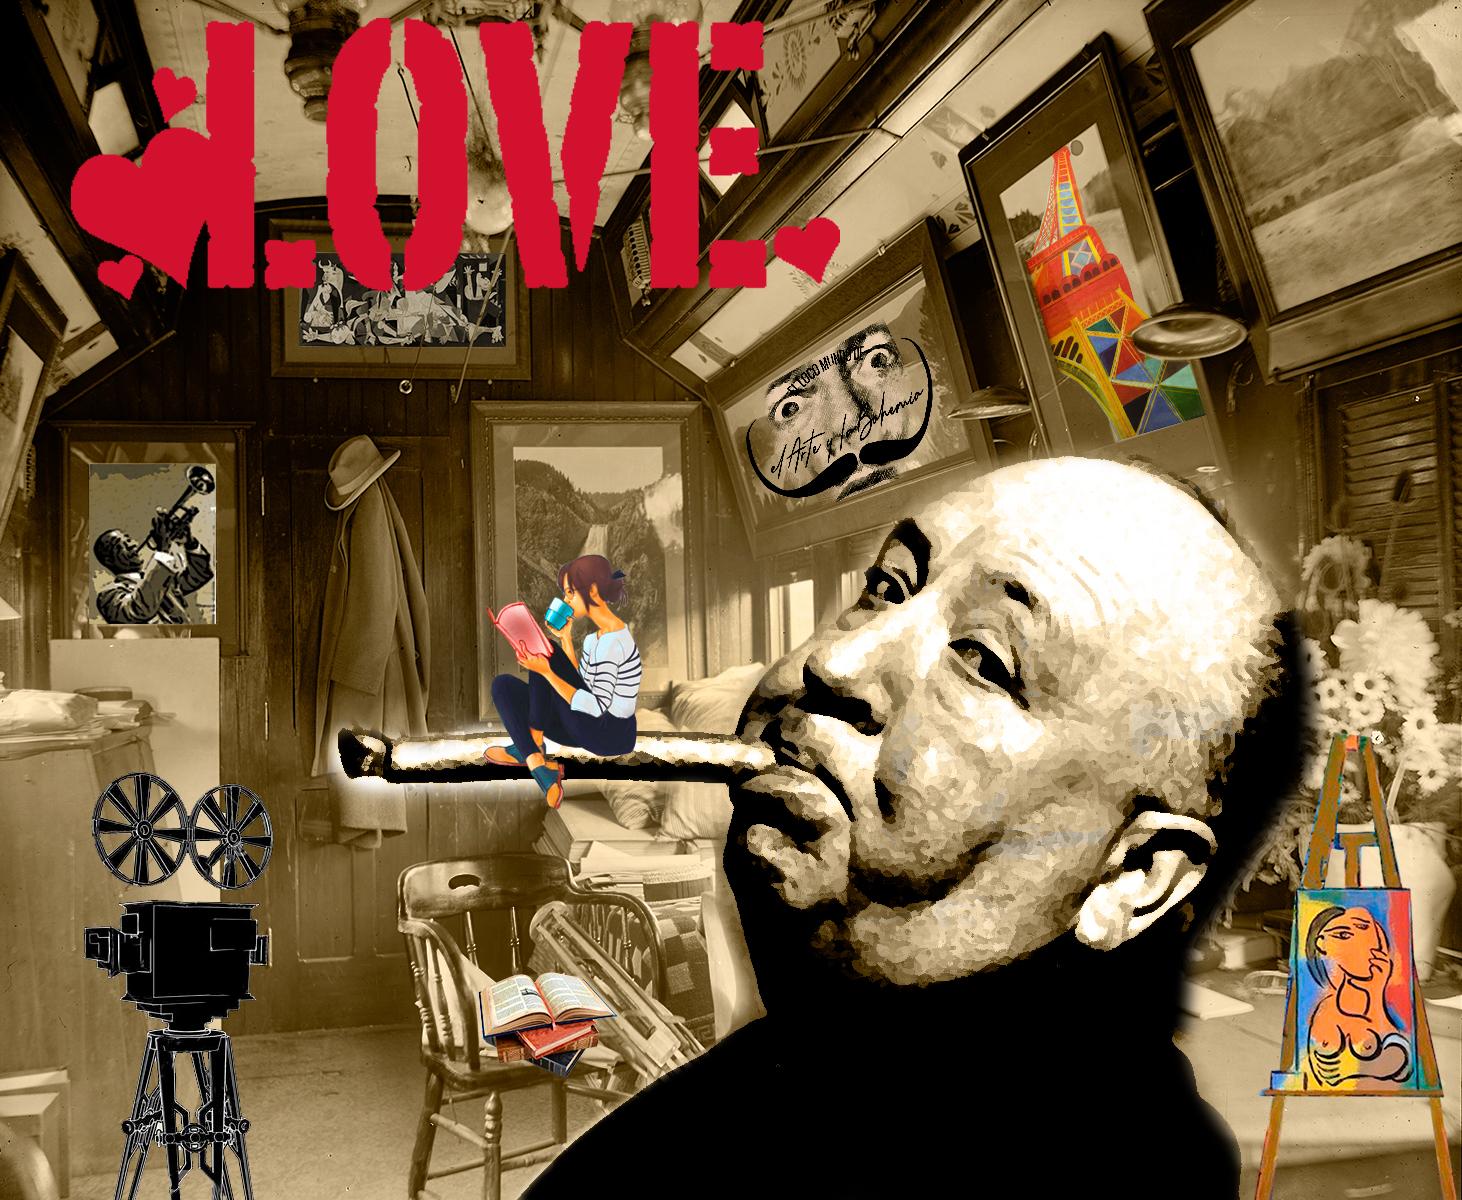 Imagen fondo blanco y negro de interior con Hitchcock, el Guernica, mujer leyendo, Jirafa de Magritte, Torre Eiffel. LocoMundoArteyBohemia